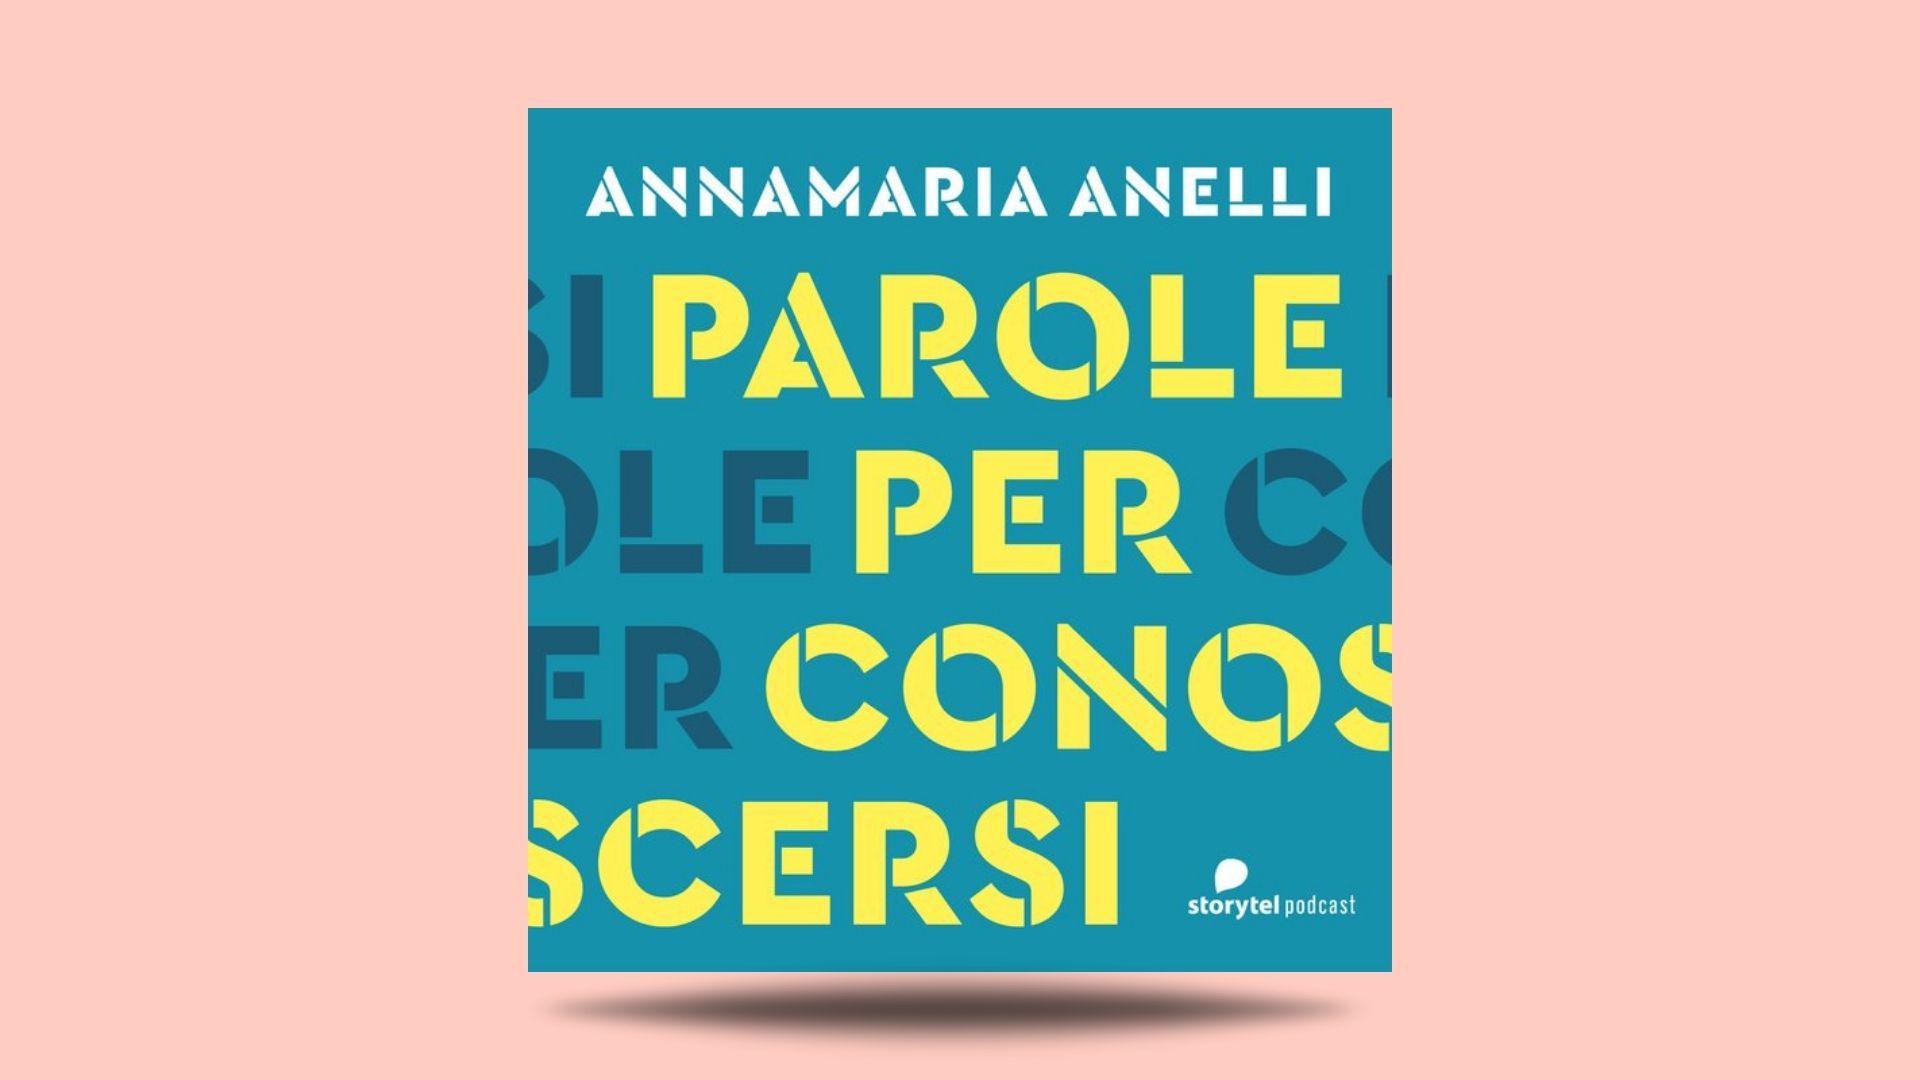 Parole per conoscersi - Podcast - Annamaria Anelli - Storytel